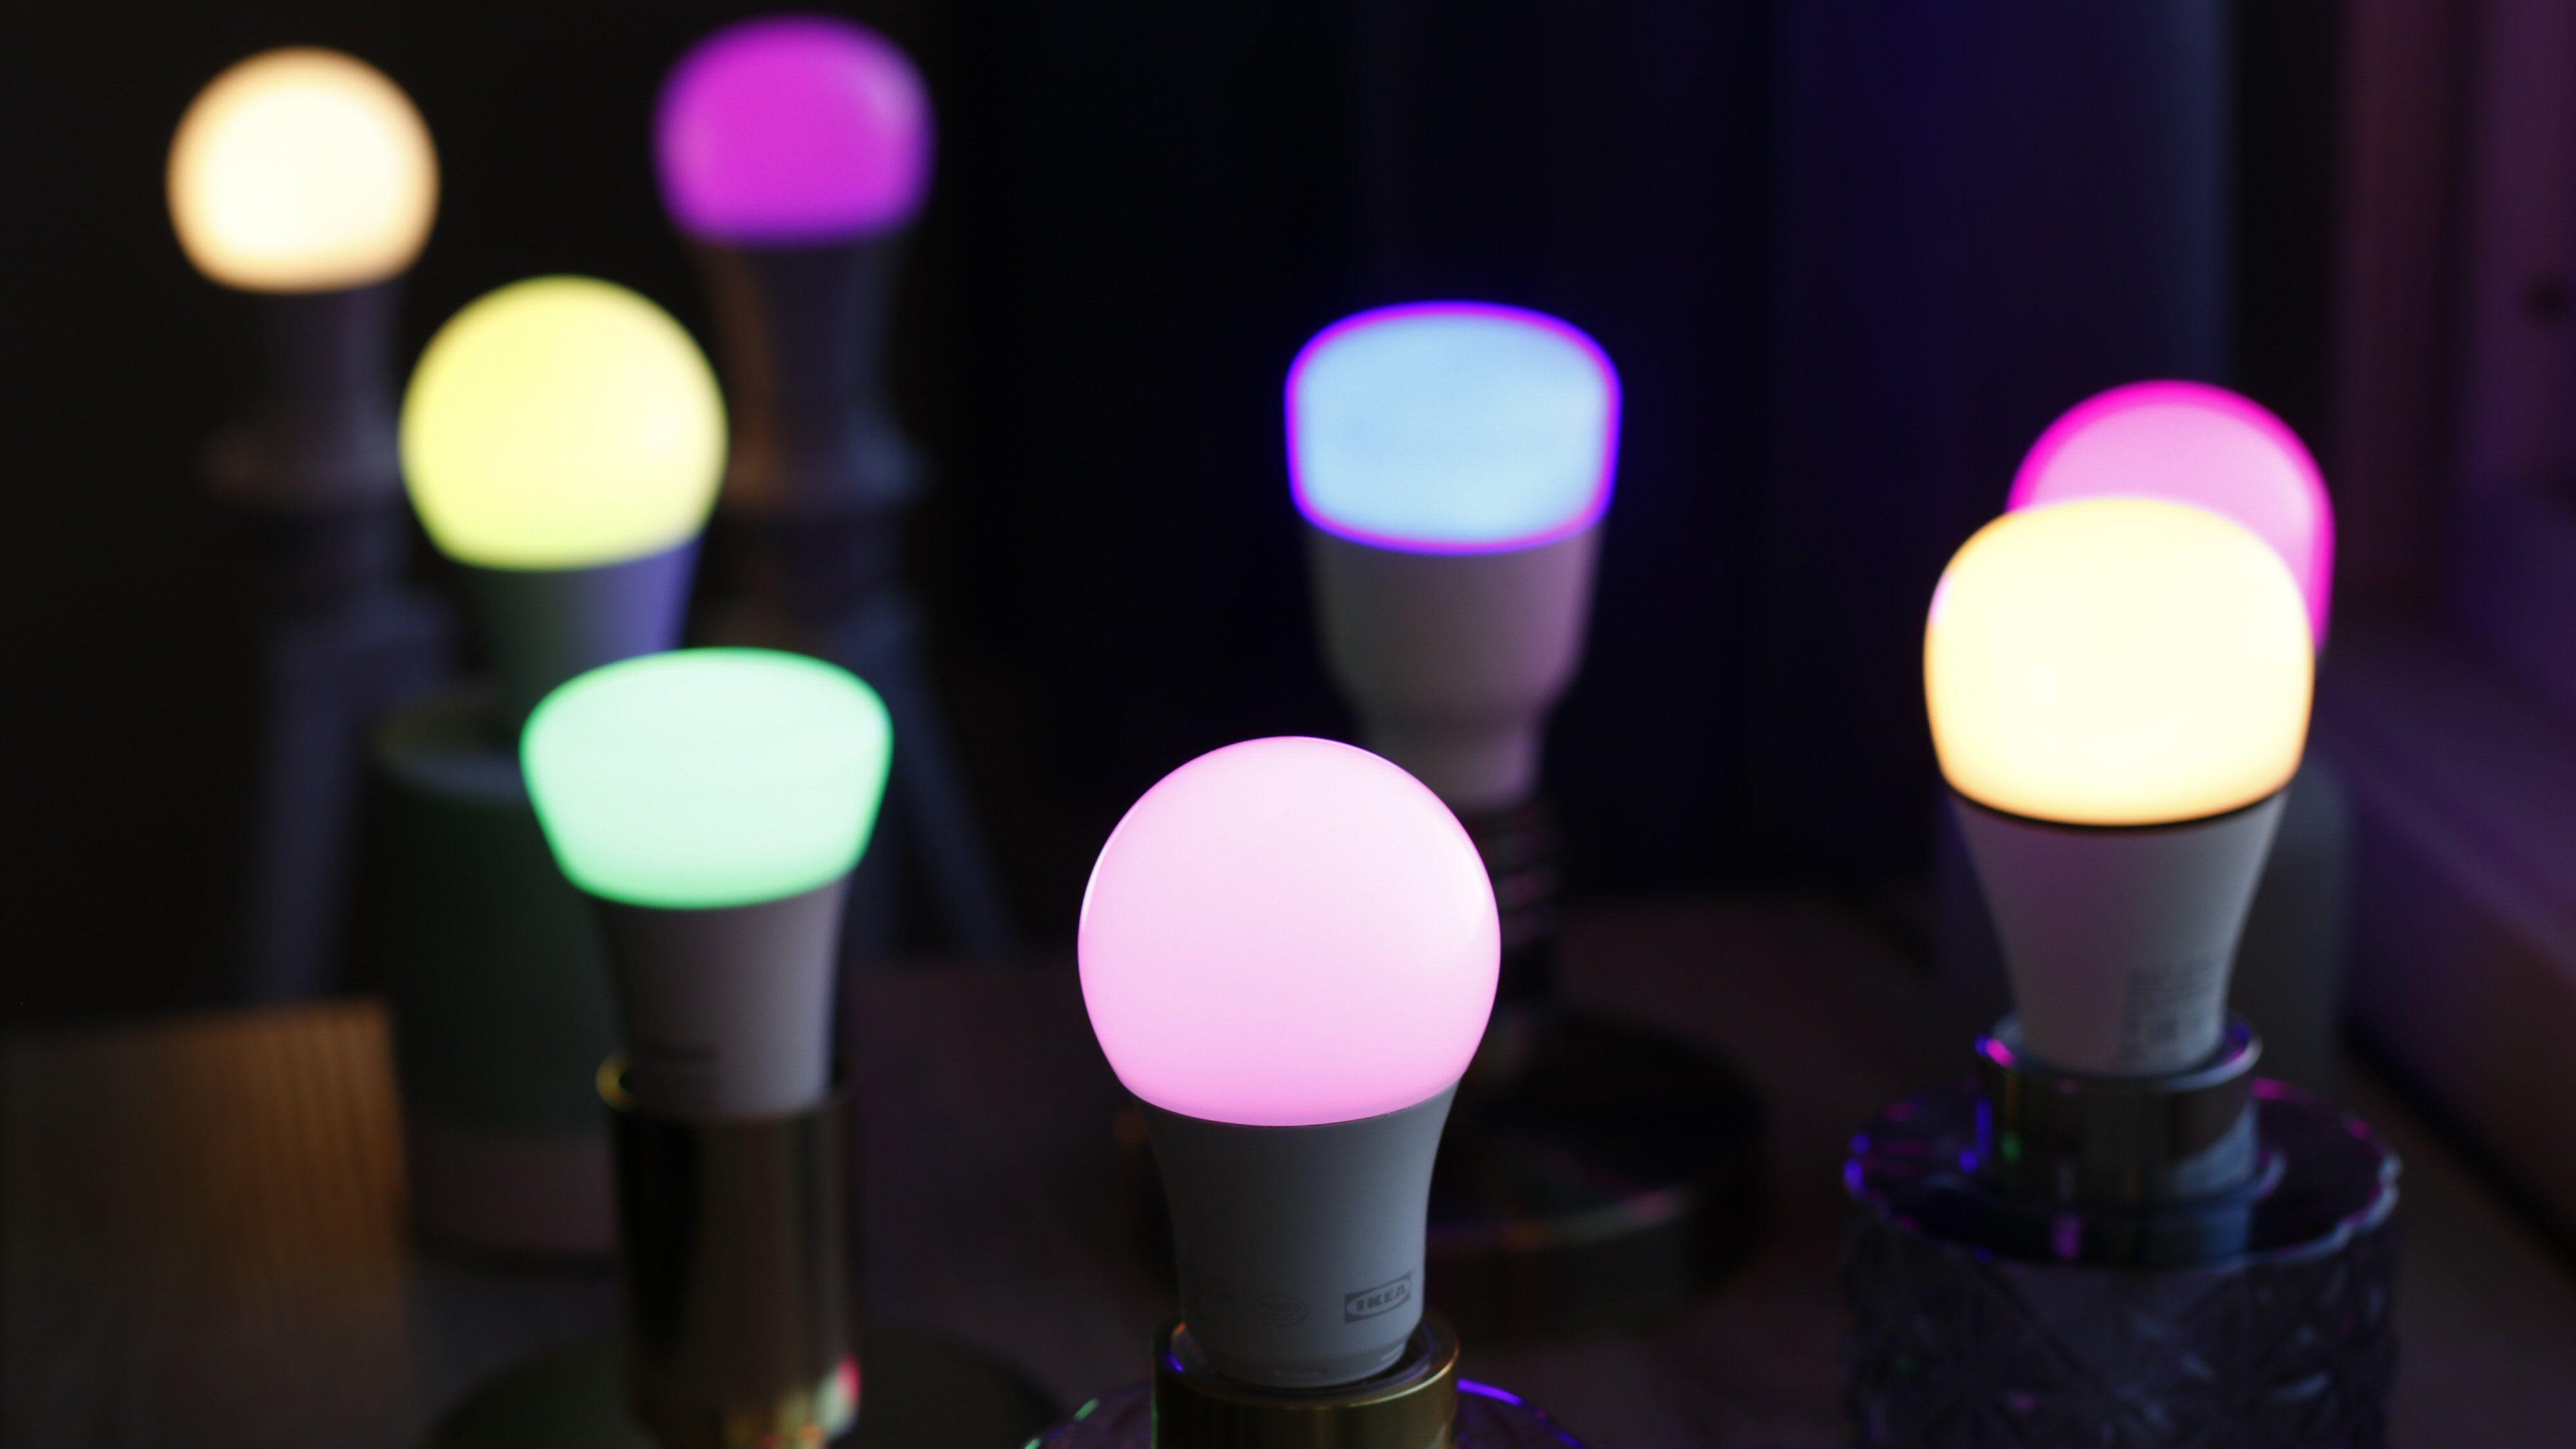 Vi har testet femten forskjellige smarte lyspærer